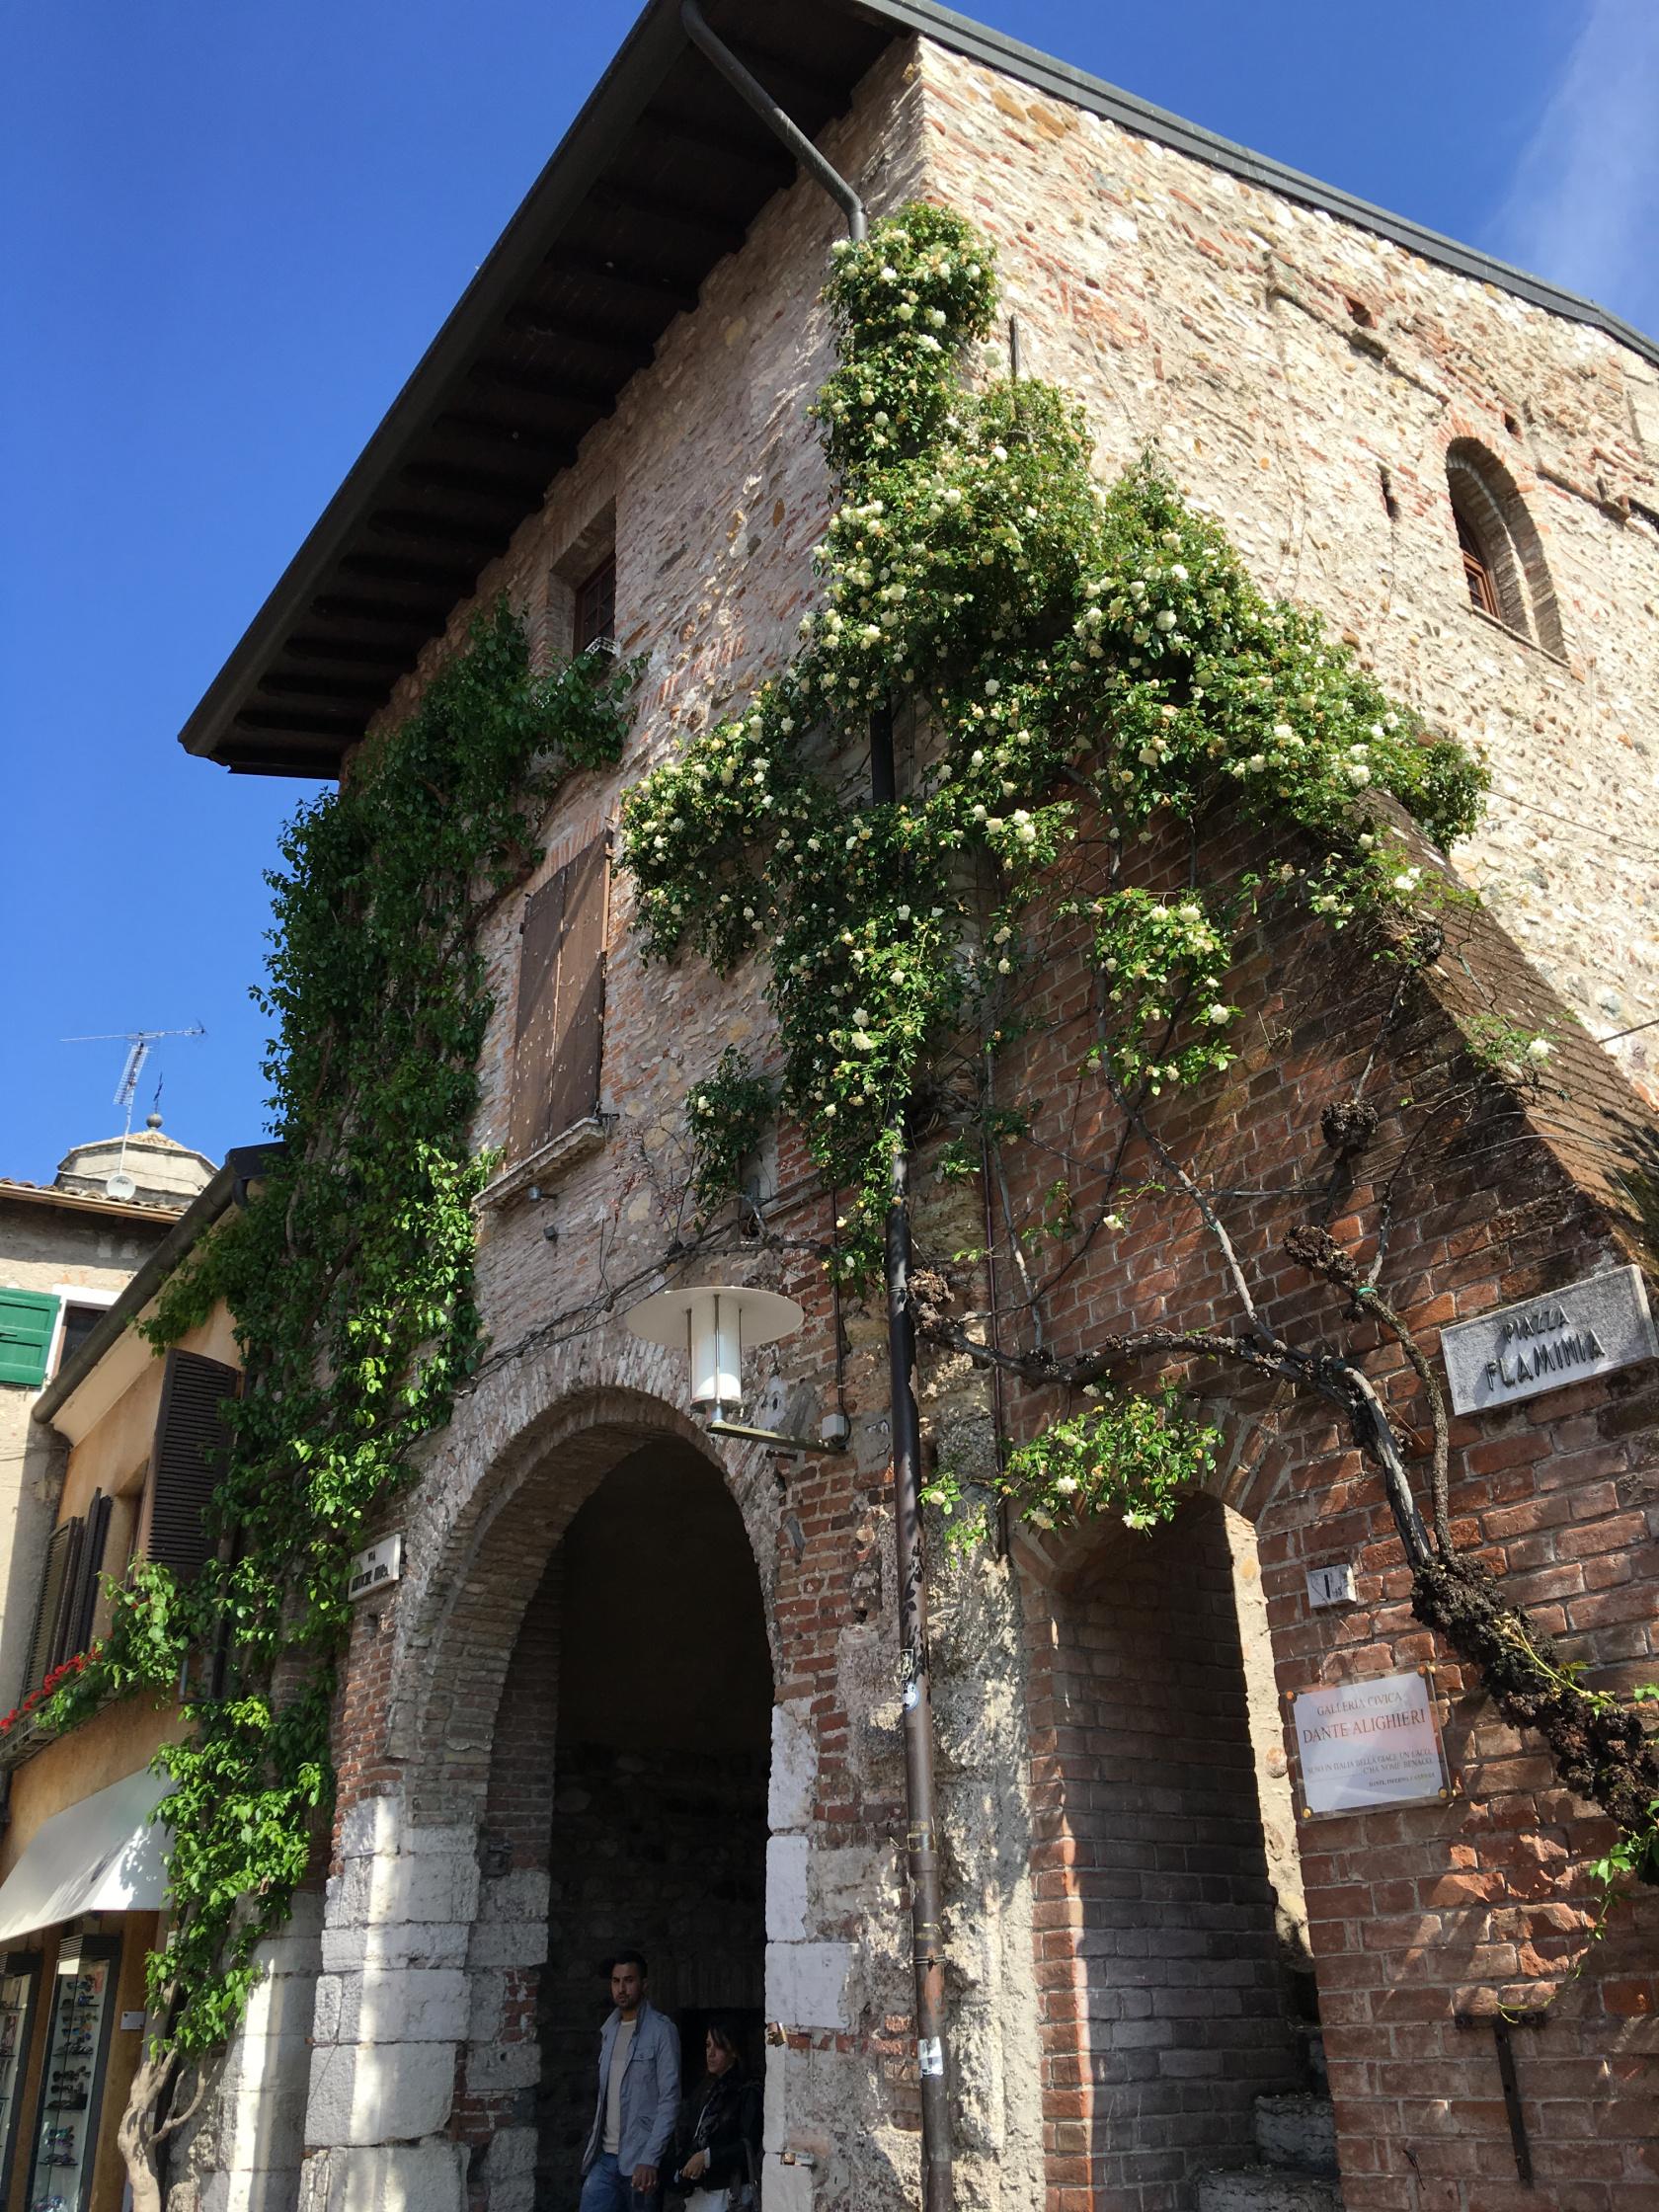 Entrée de la Piazza Flaminia